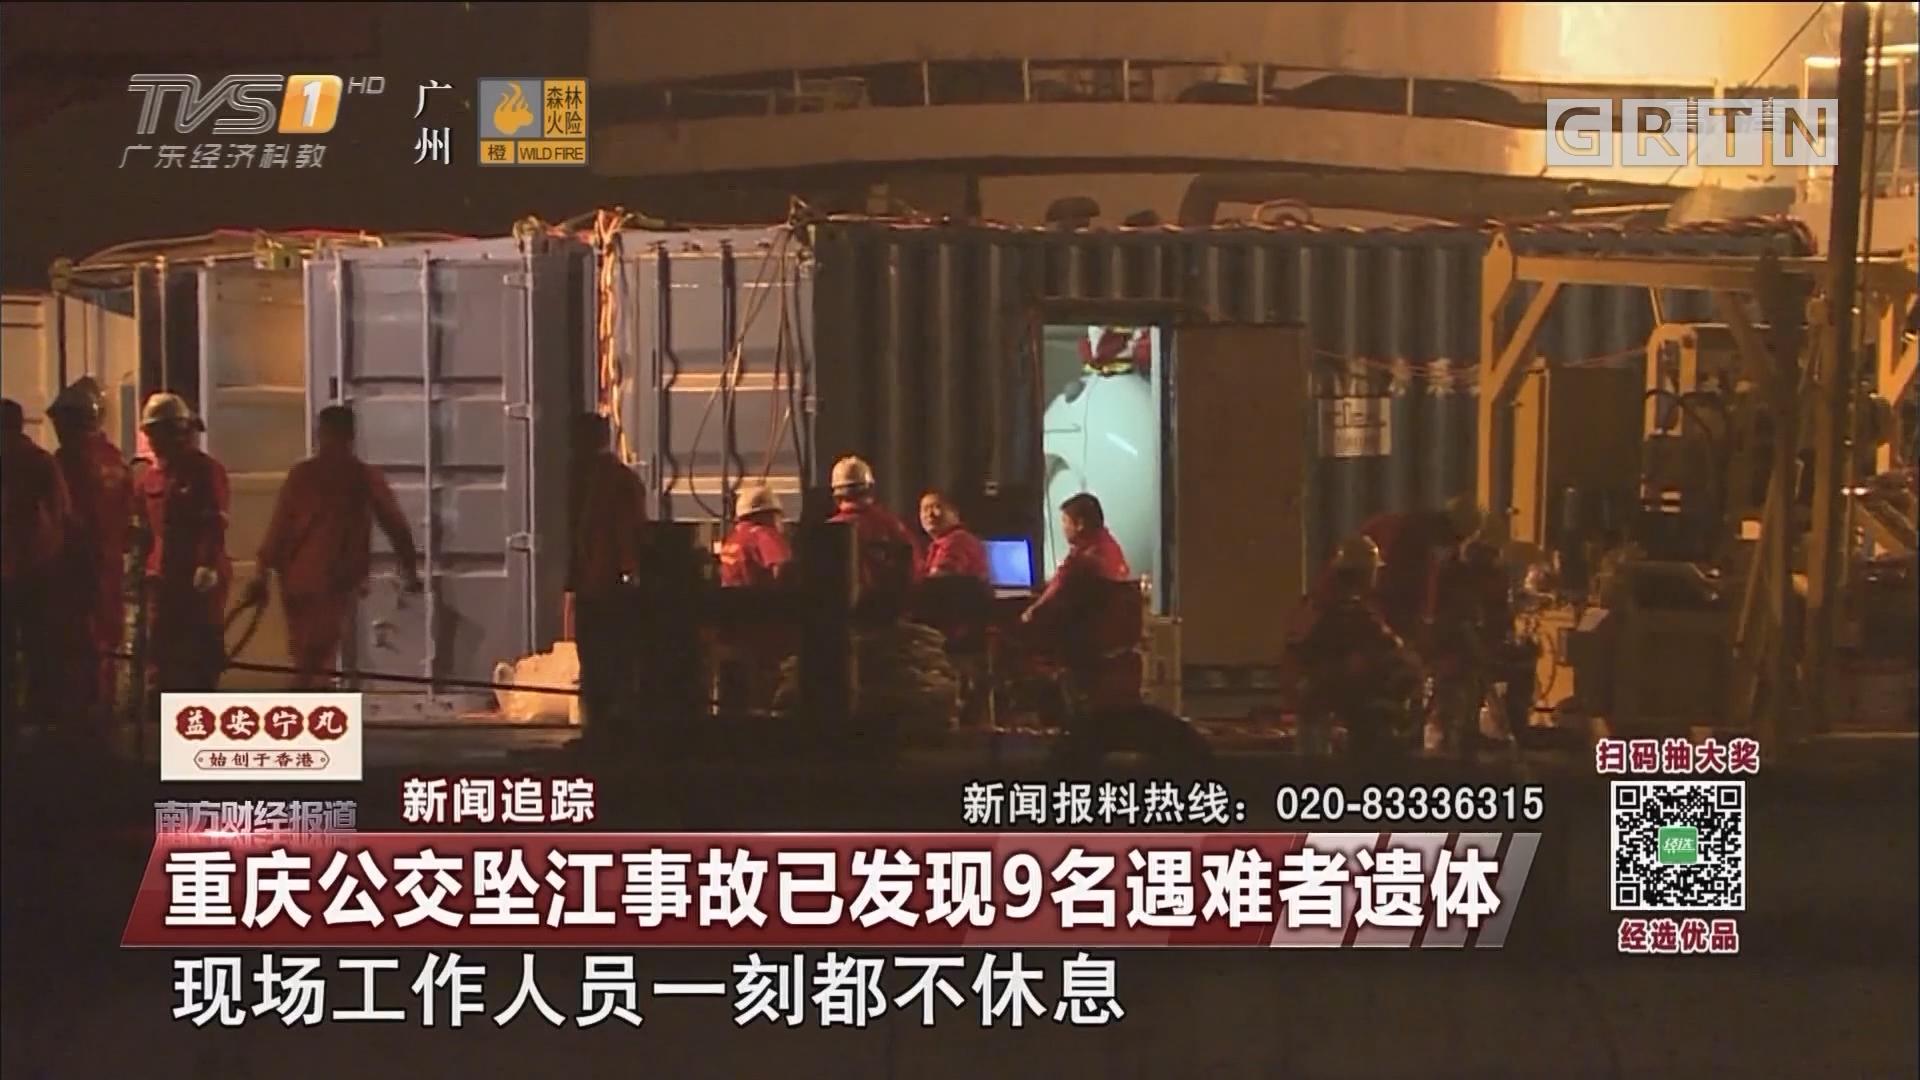 重庆公交坠江事故已发现9名遇难者遗体